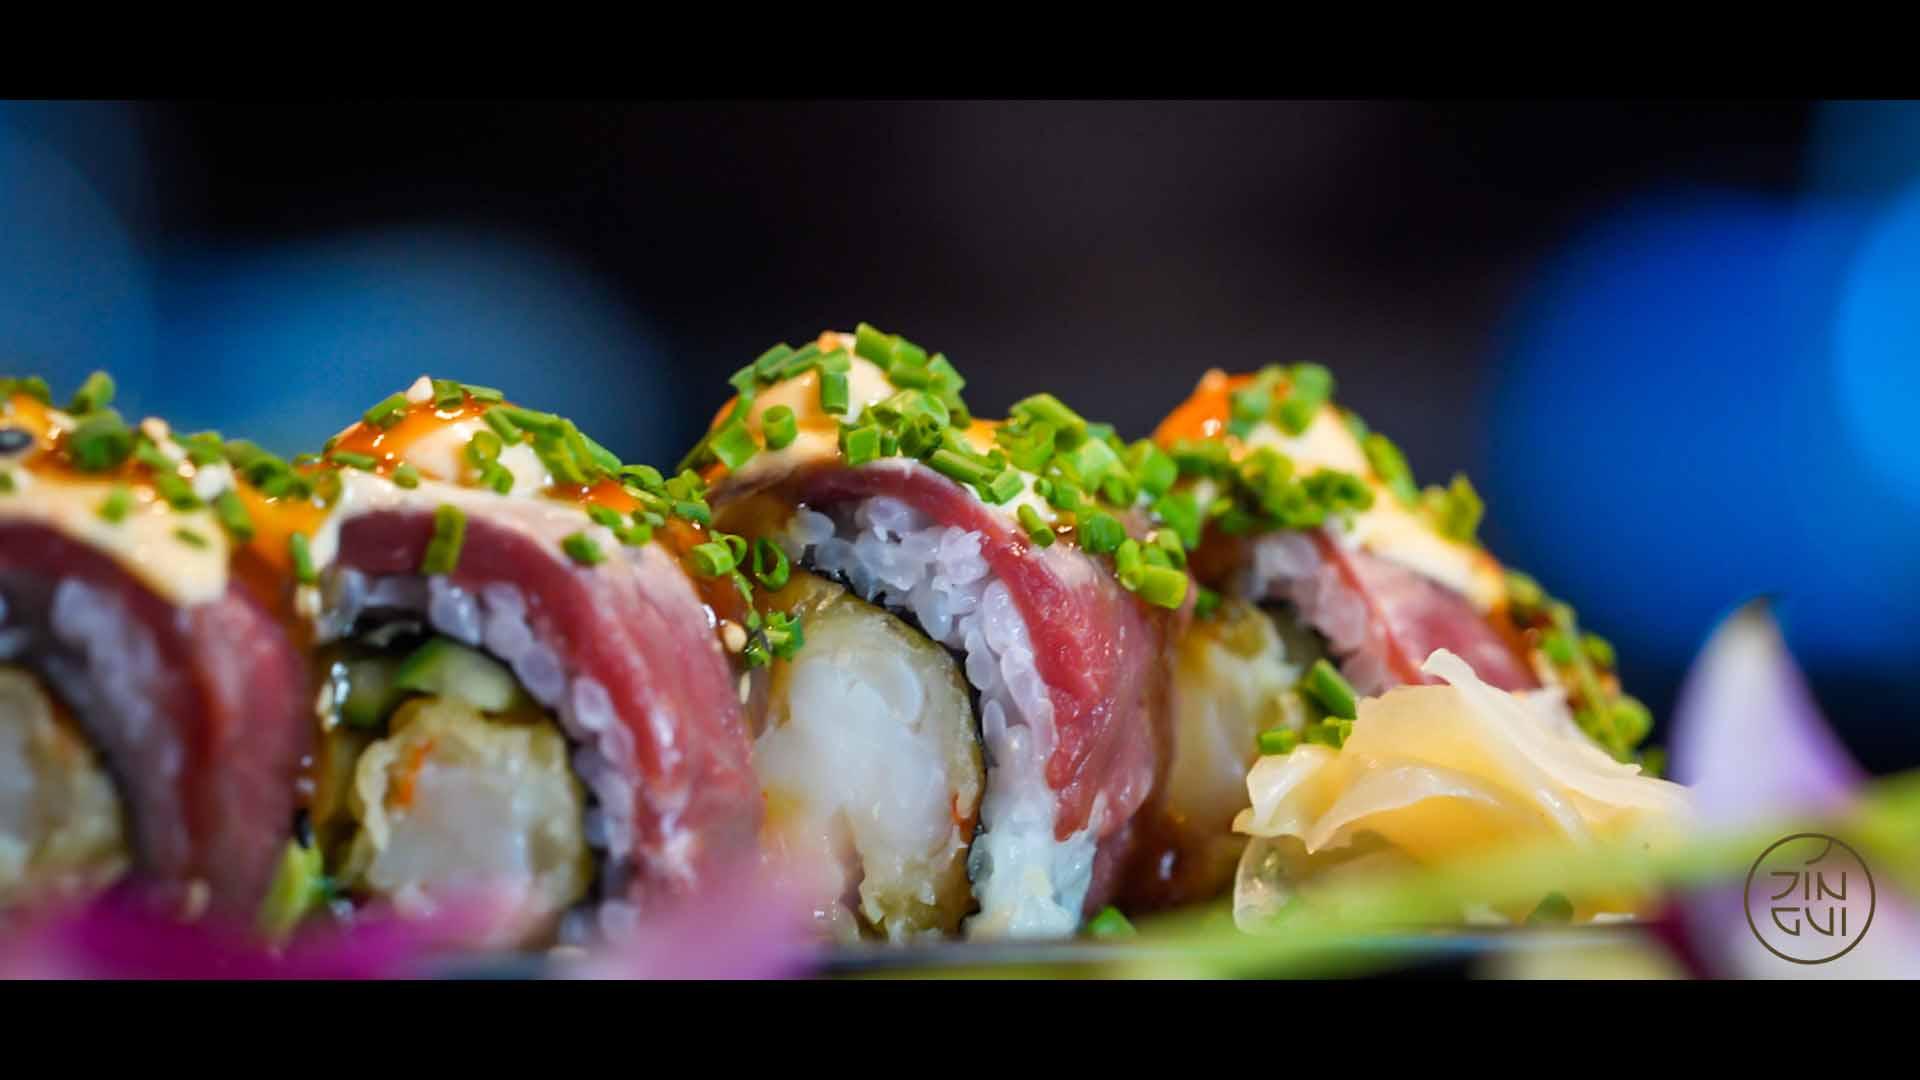 TORTUE_Jin_Gui_Sushi_Closeup